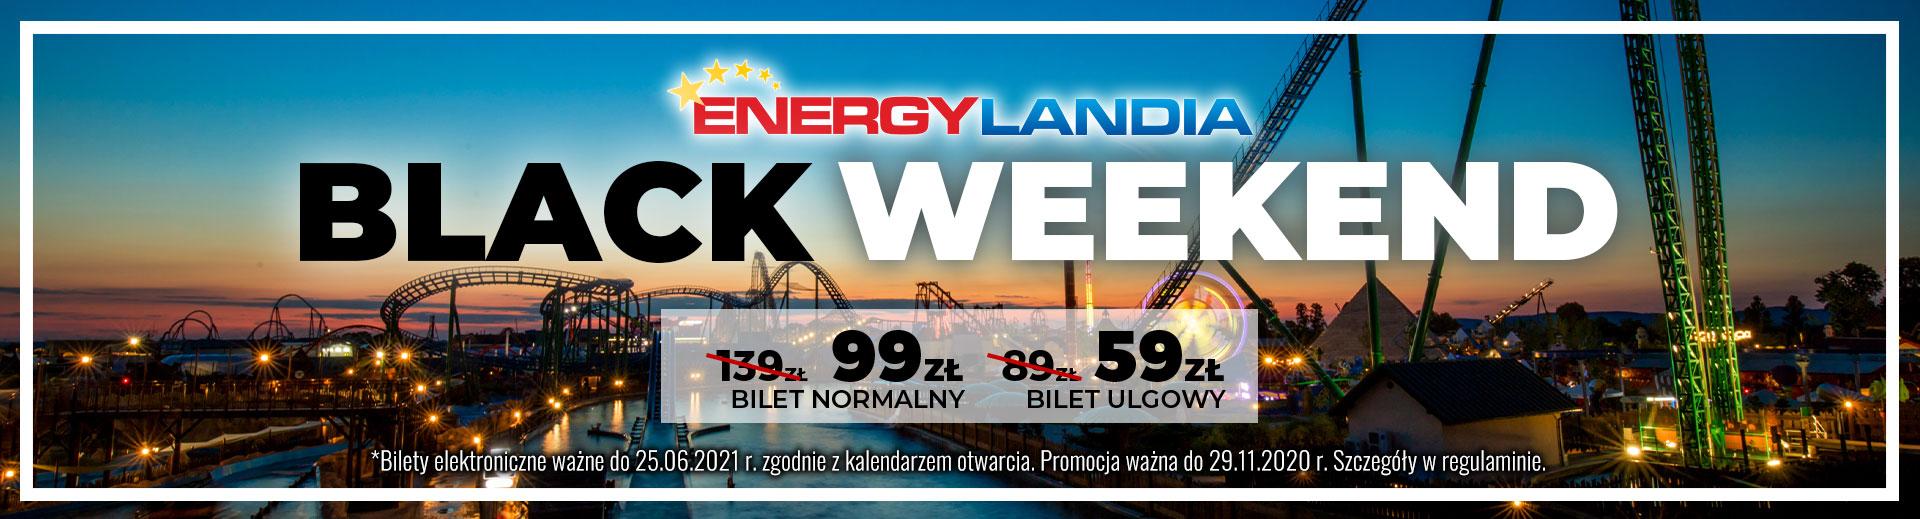 Tańsze bilety do Energylandii